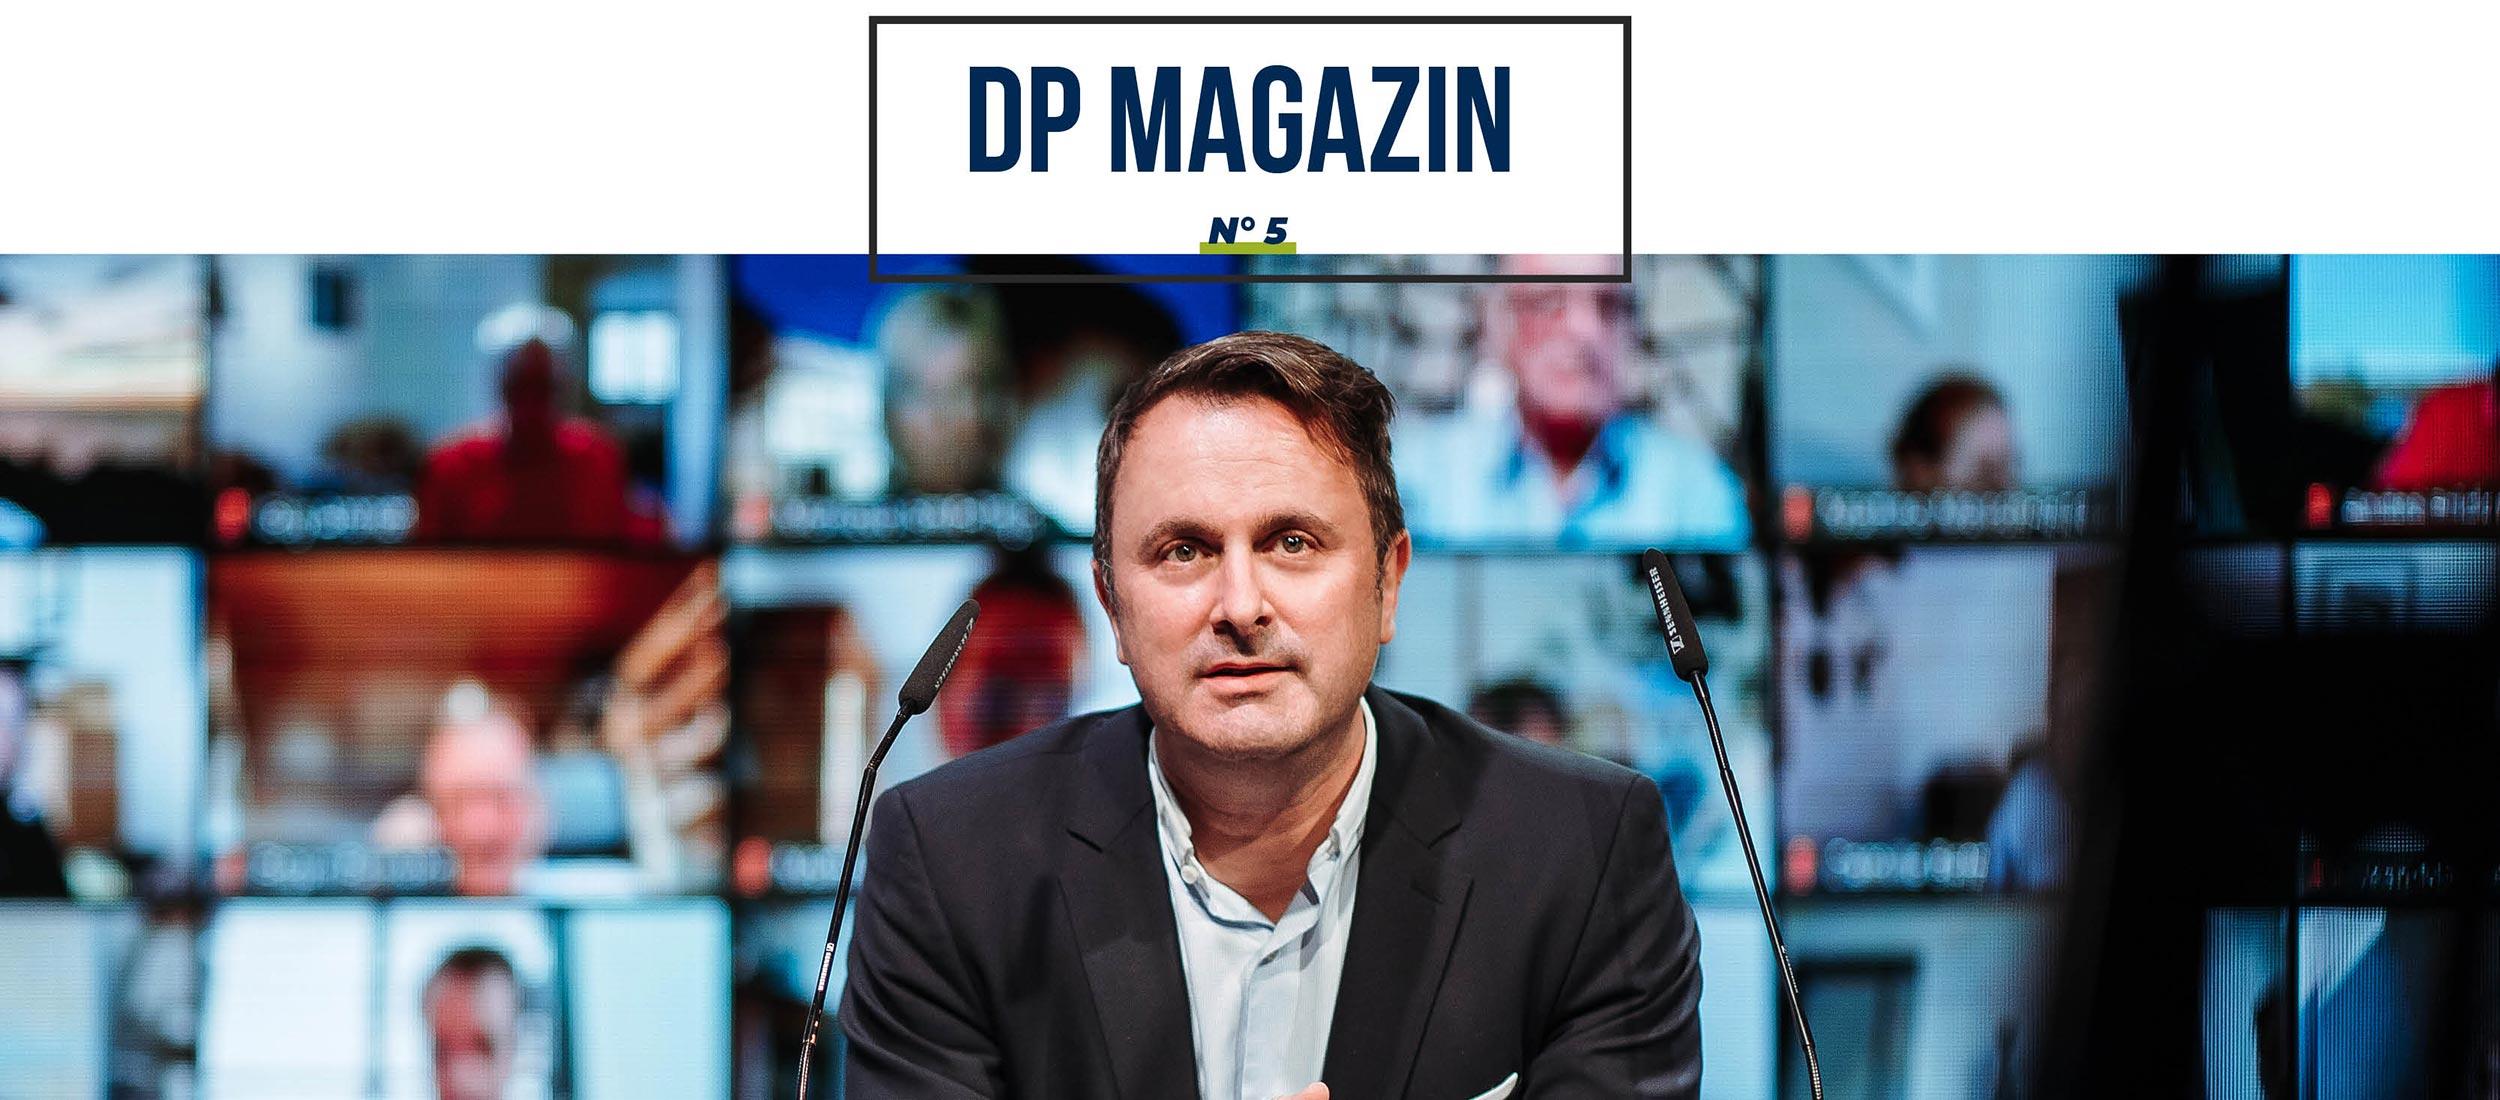 DP Magazin 5 Title